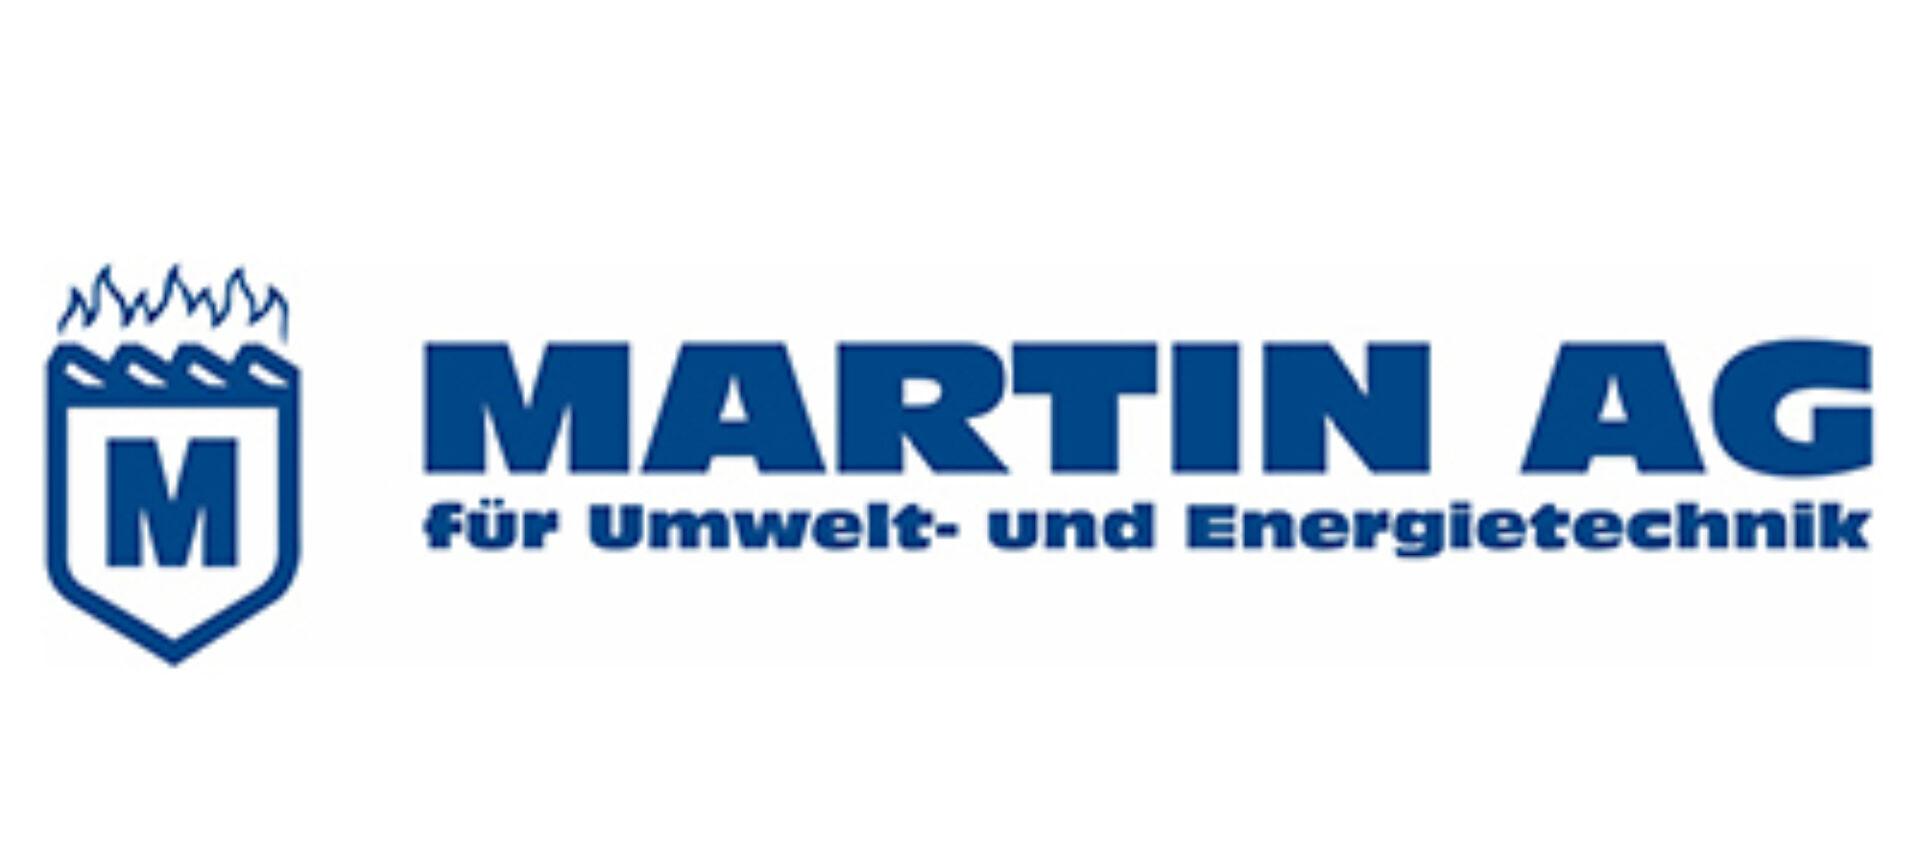 martin-ag-umwelttechnik